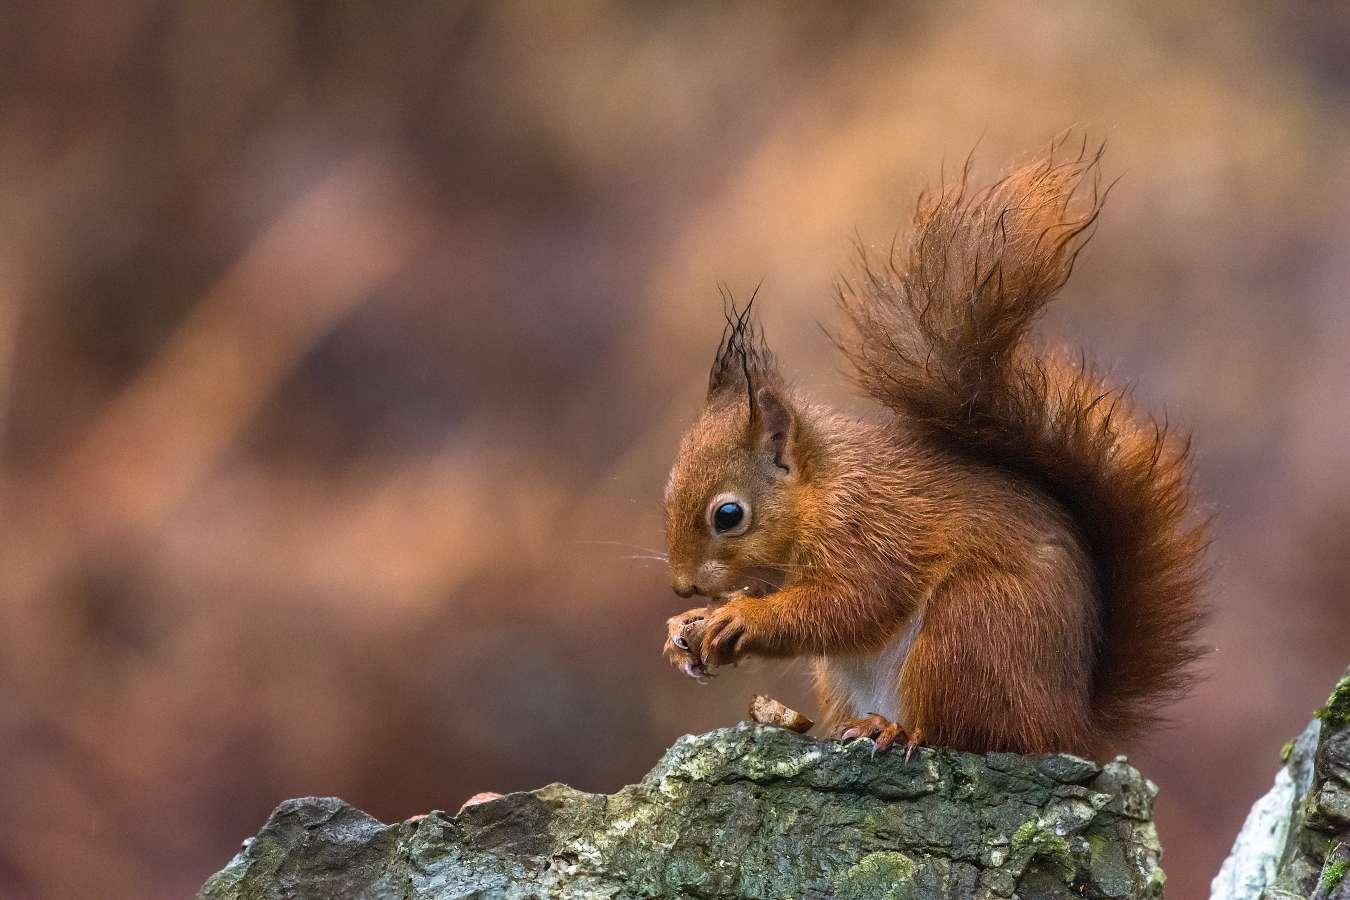 Opis wiewiórki. Jak napisać krótki opis?